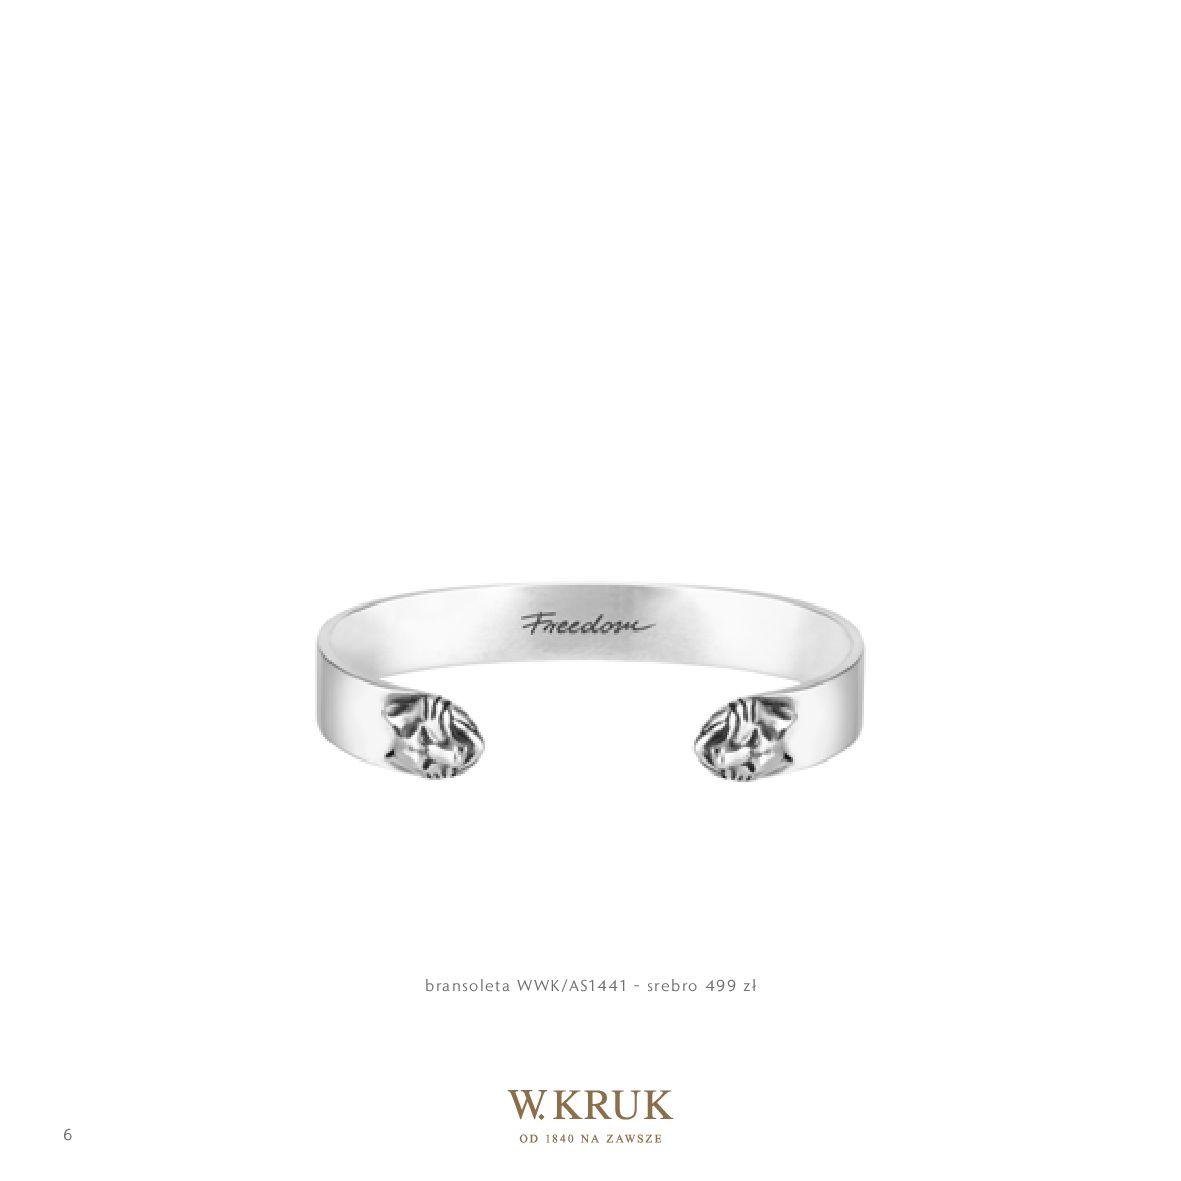 Gazetka W. KRUK: Katalog - Freedom Wolf 2021-02-17 page-8